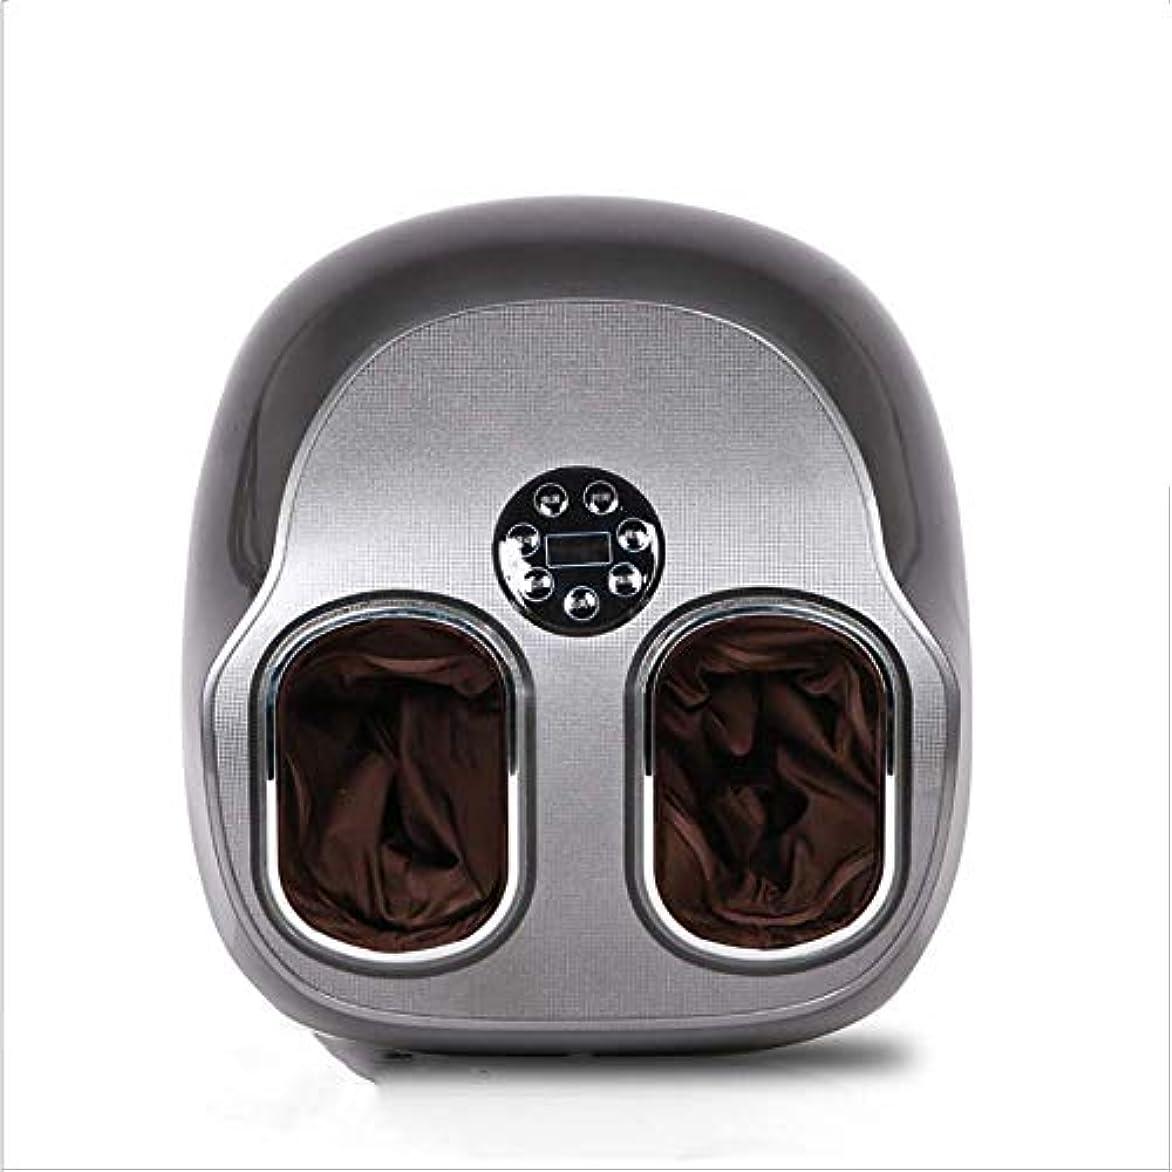 小麦粉カップル好む指圧フットマッサージャー電動足マッサージャー加熱スクワットローリングマッサージ空気圧縮ホット圧縮強度調整可能